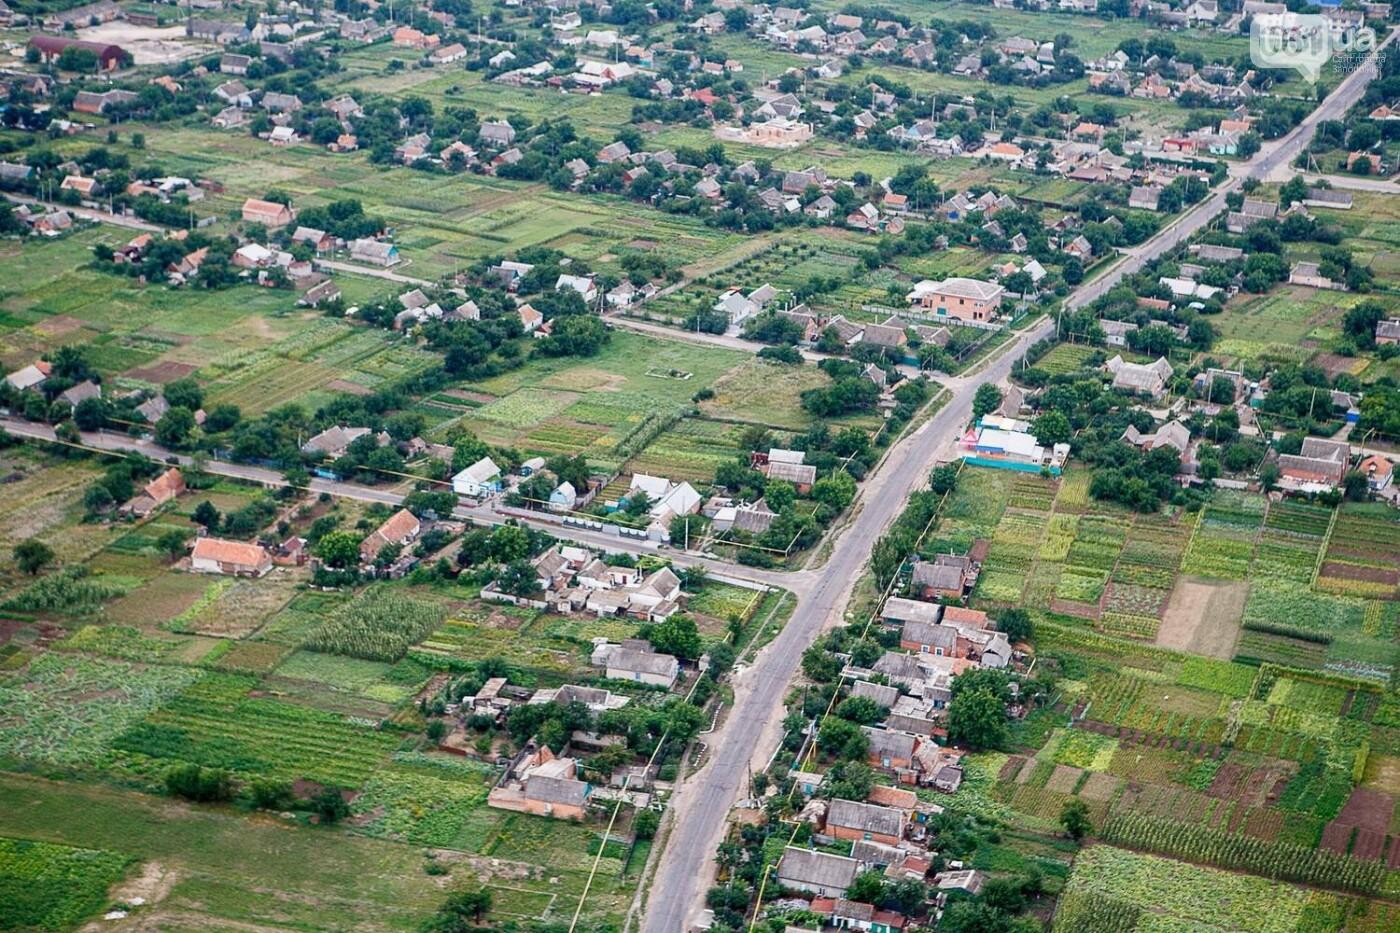 Село, що оживає: як Воскресенська територіальна громада живе після об'єднання, - ФОТОРЕПОРТАЖ, фото-1